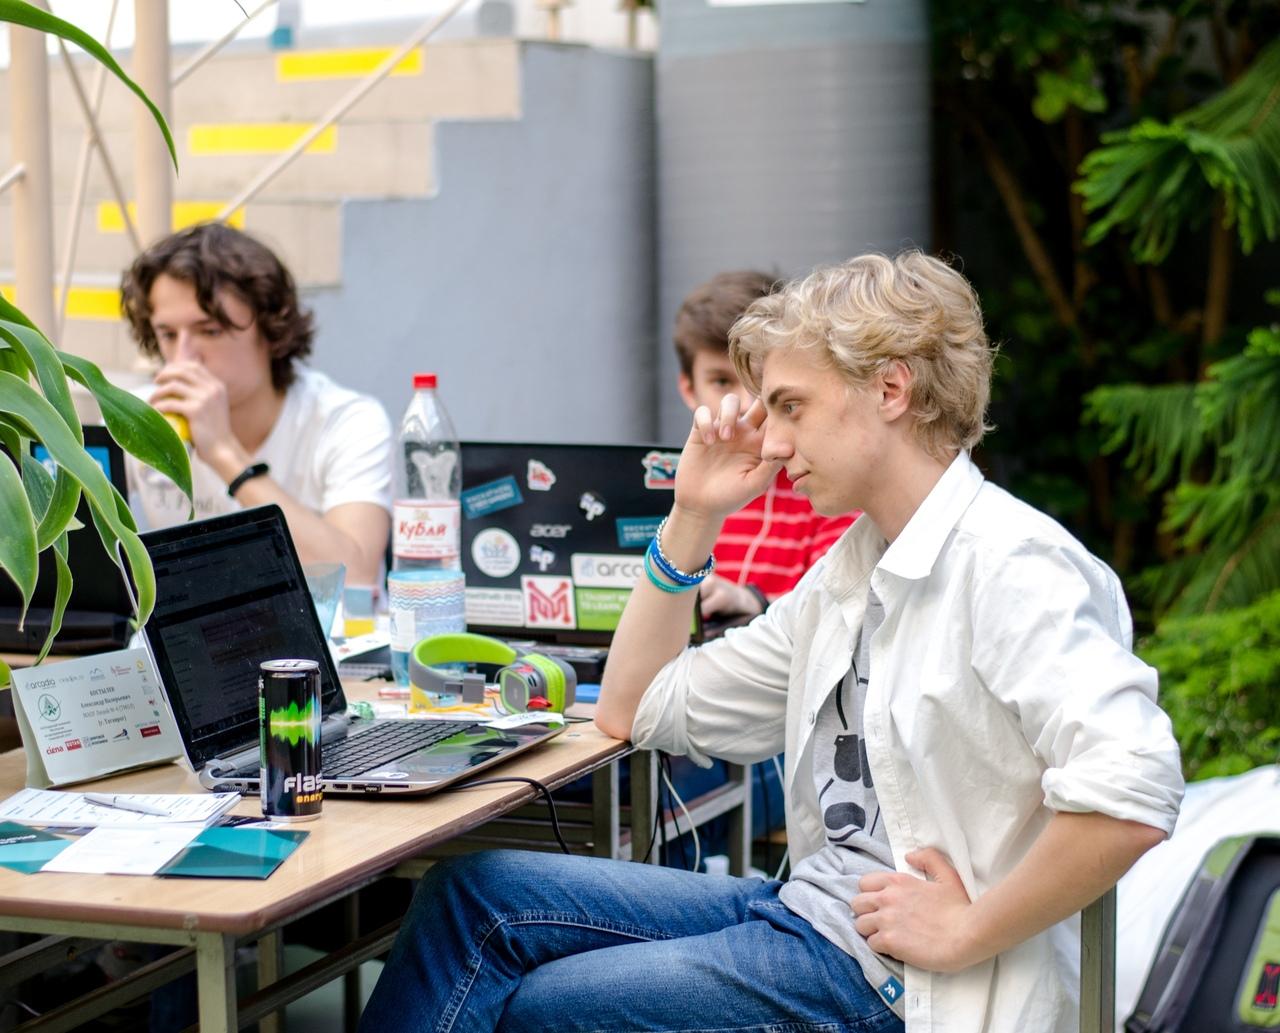 The 13th Hackathon Cyber Garden – традиционный марафон программирования в Таганроге